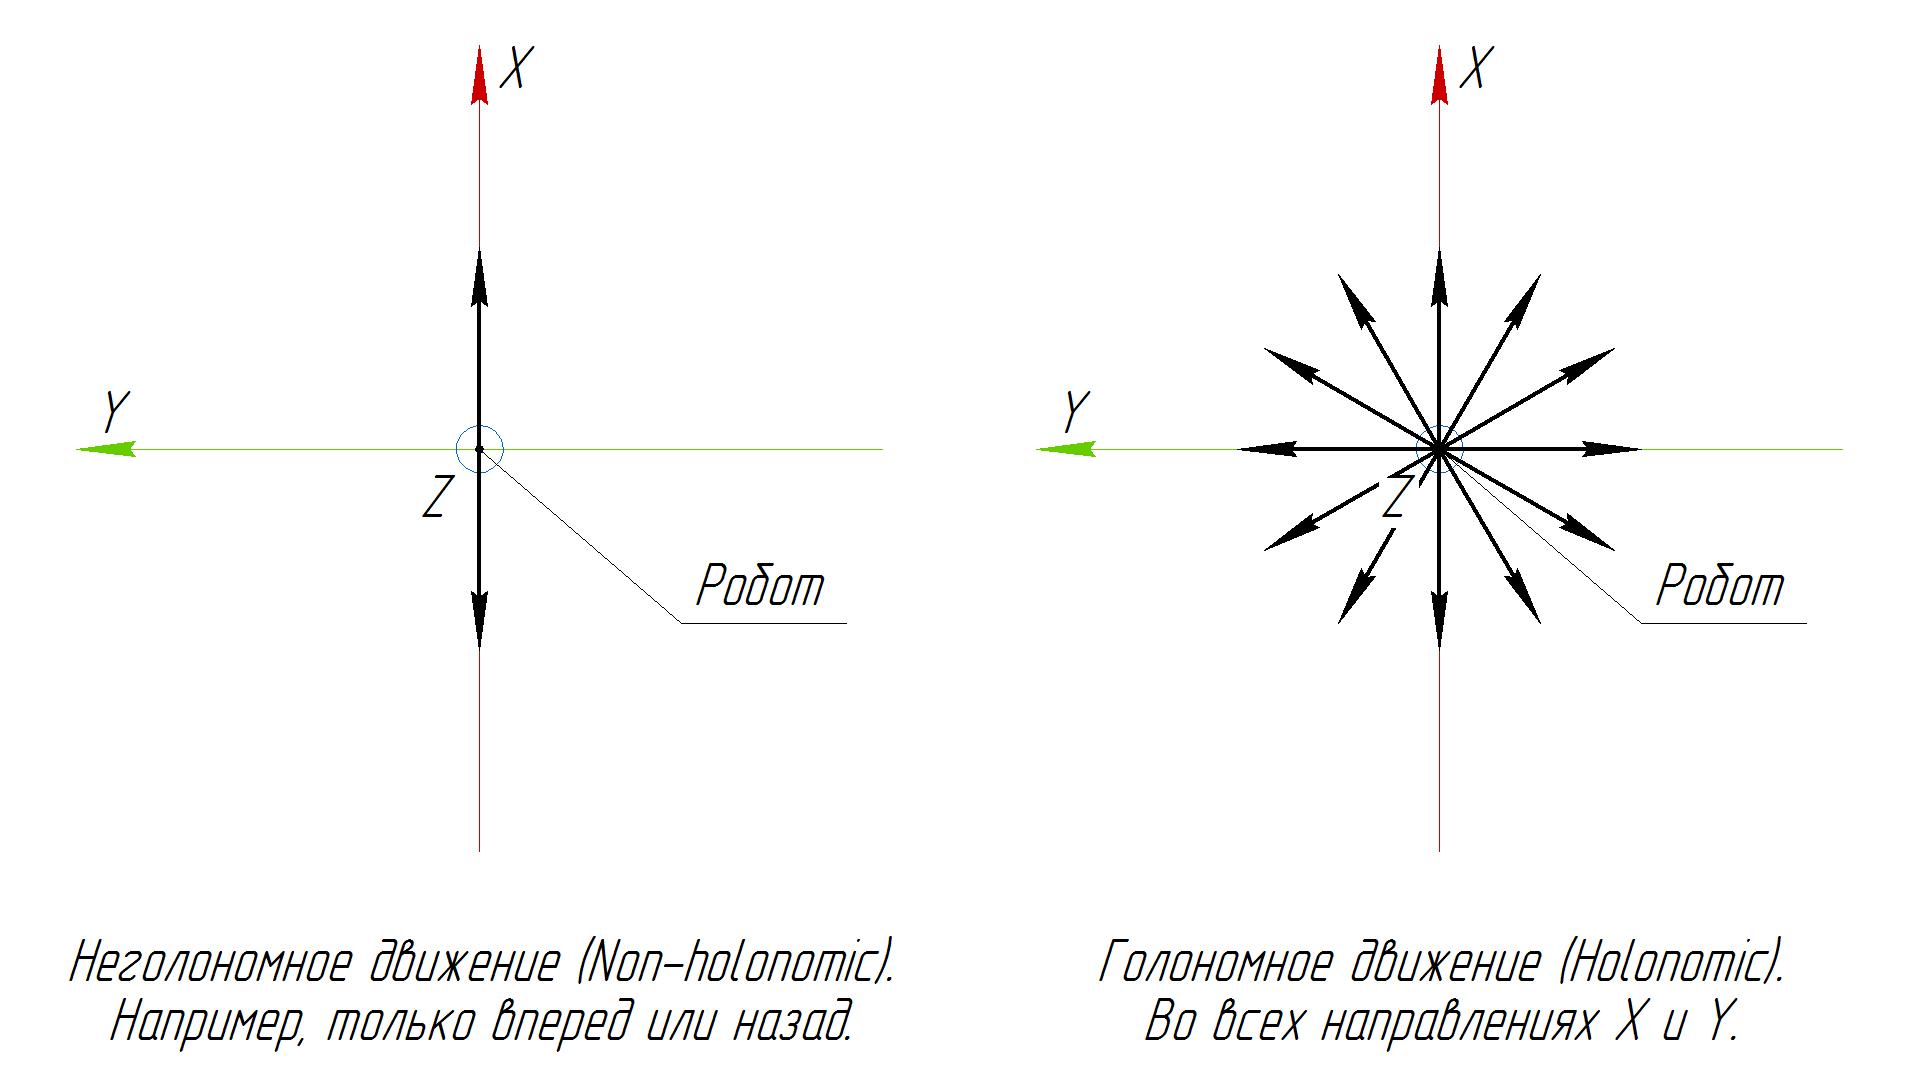 part_1_ru_robot_drive_0_scheme_1.png